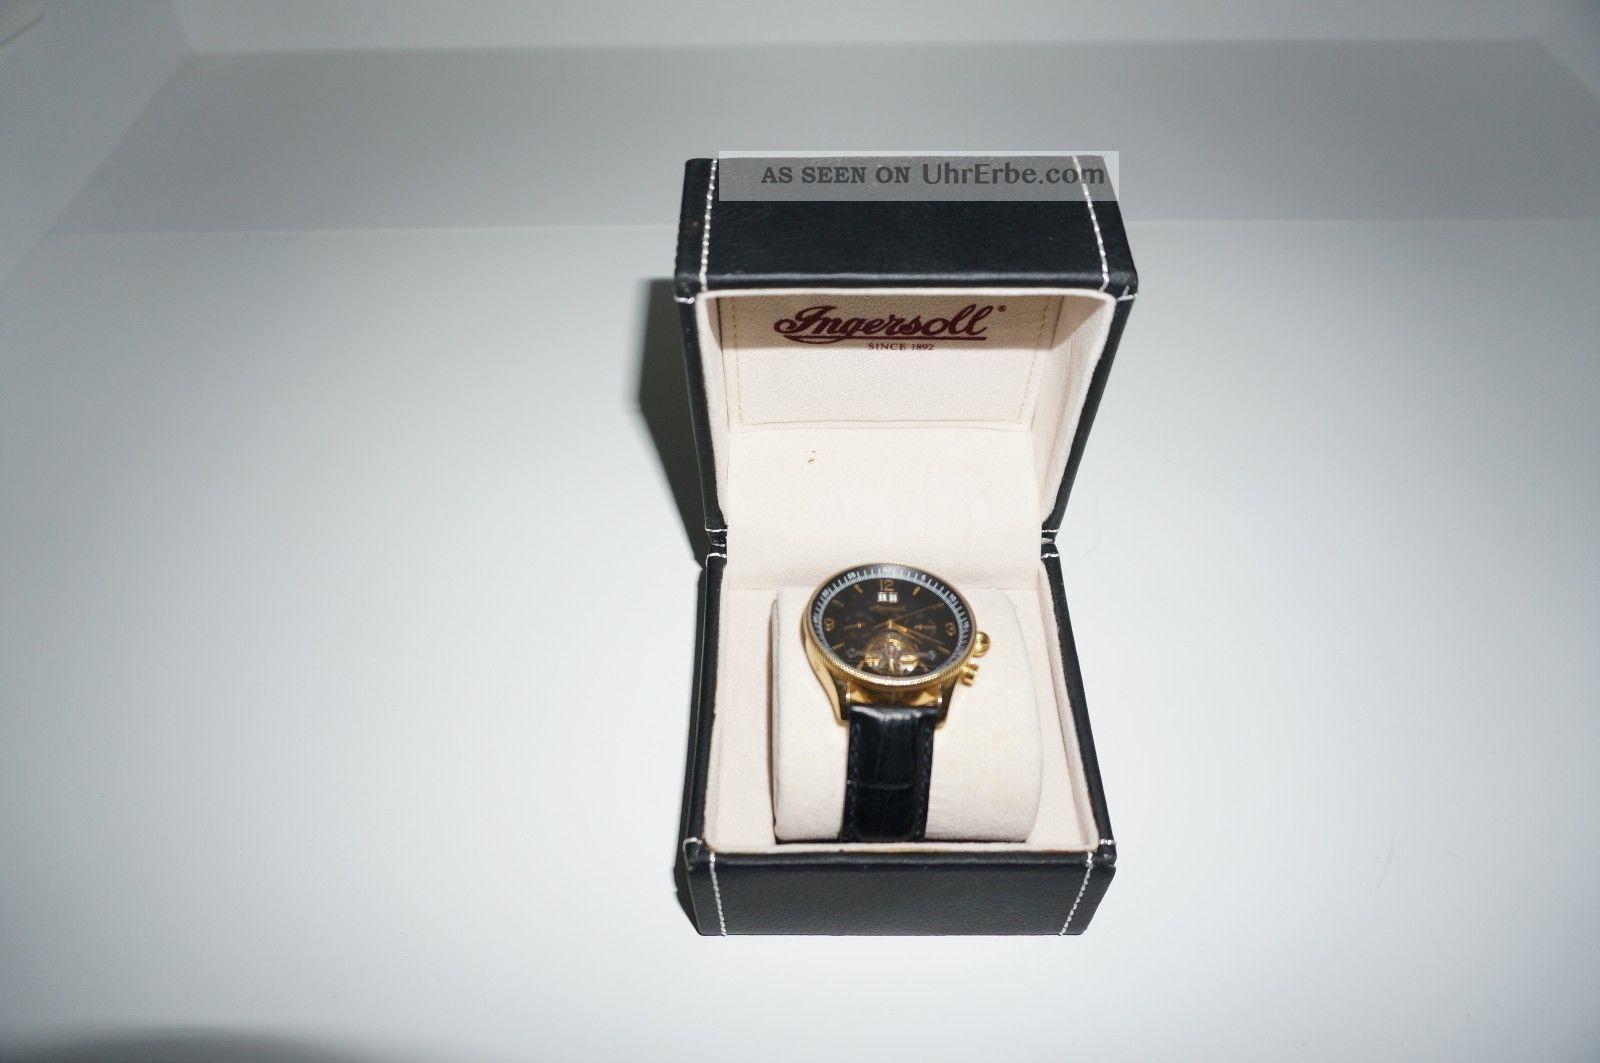 Ingersoll Automatik Uhr Schwarz Gold Wie In Ovp Armbanduhren Bild